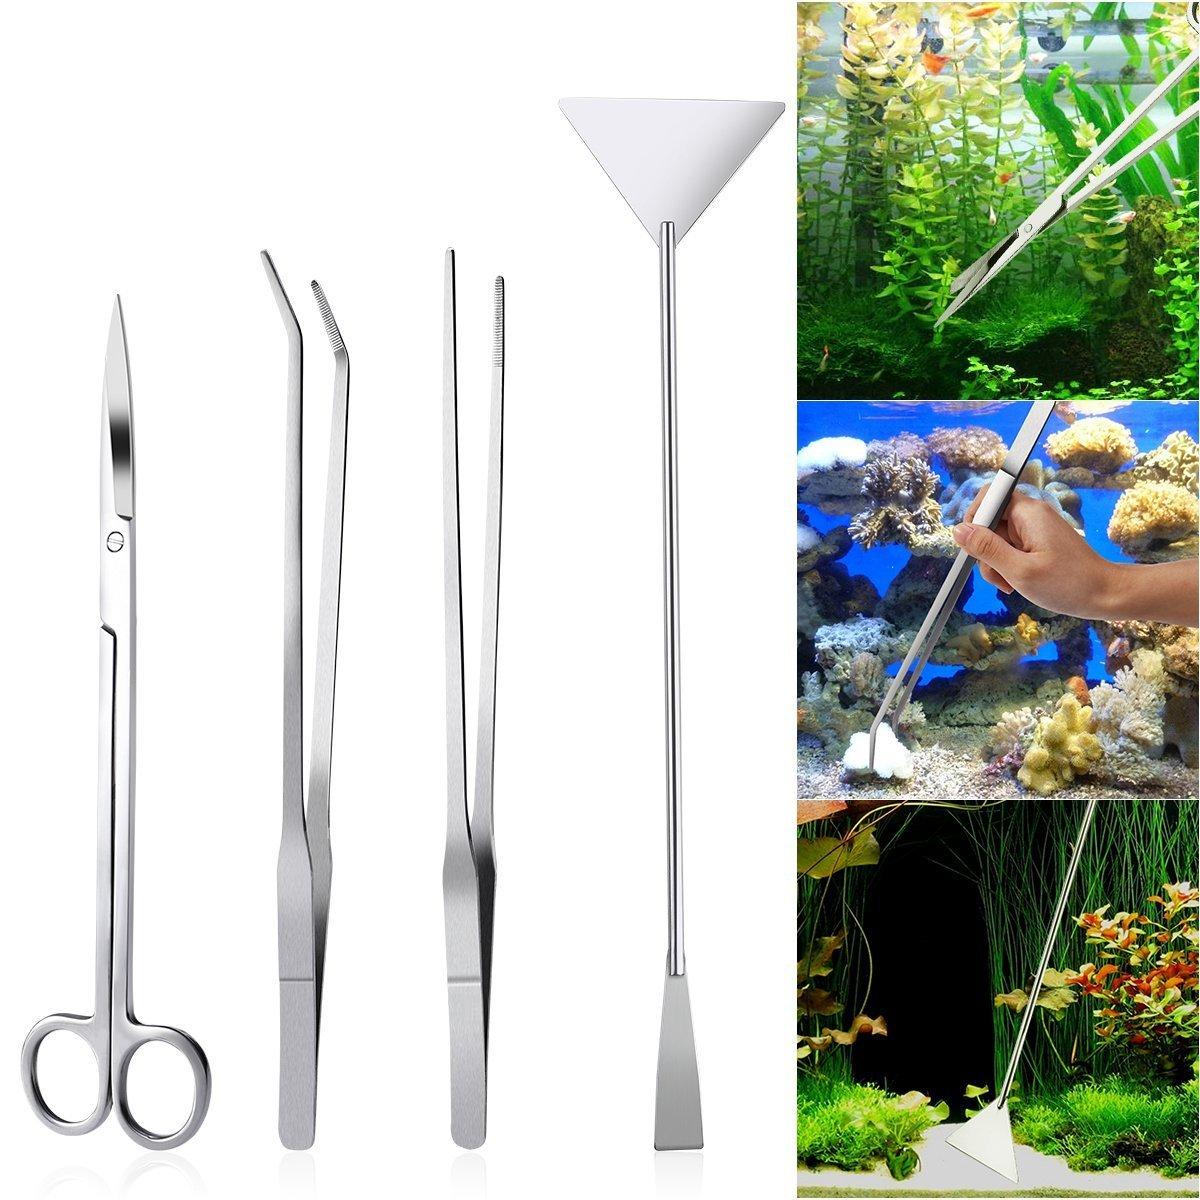 Aquarium Aquascaping Kit, aquarium Outils, 3en 1kohlenstoffstahl droit une forme courbe Pince à épiler Truelle, aquarium réservoir Outils pour la plante Entretien et conception TuKnon